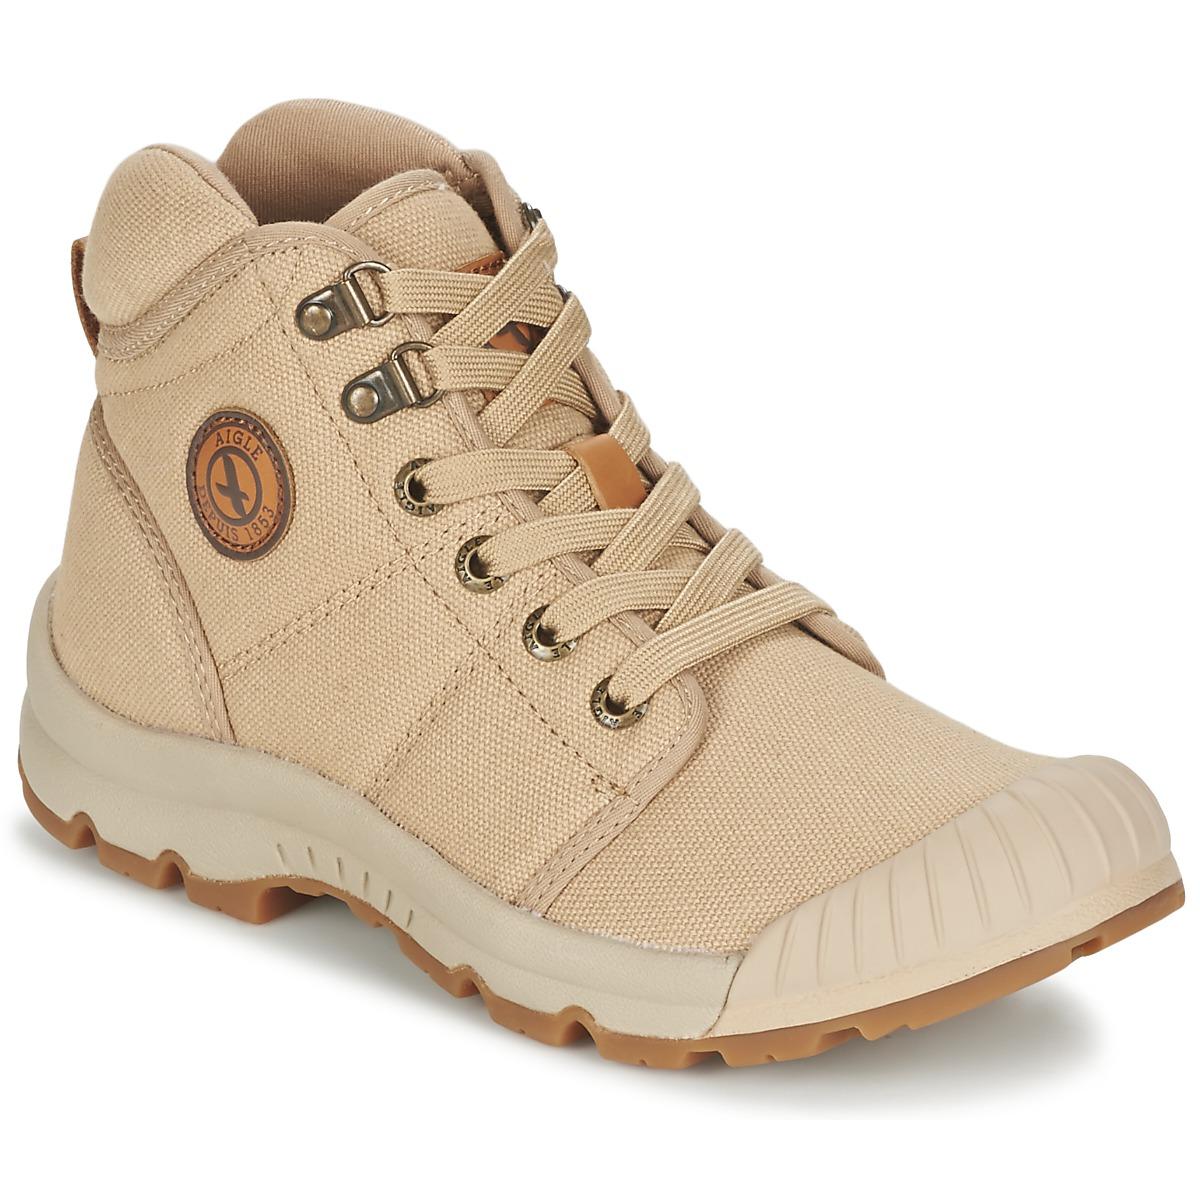 Aigle TENERE LIGHT Beige - Kostenloser Versand bei Spartoode ! - Schuhe Sneaker High Damen 67,99 €